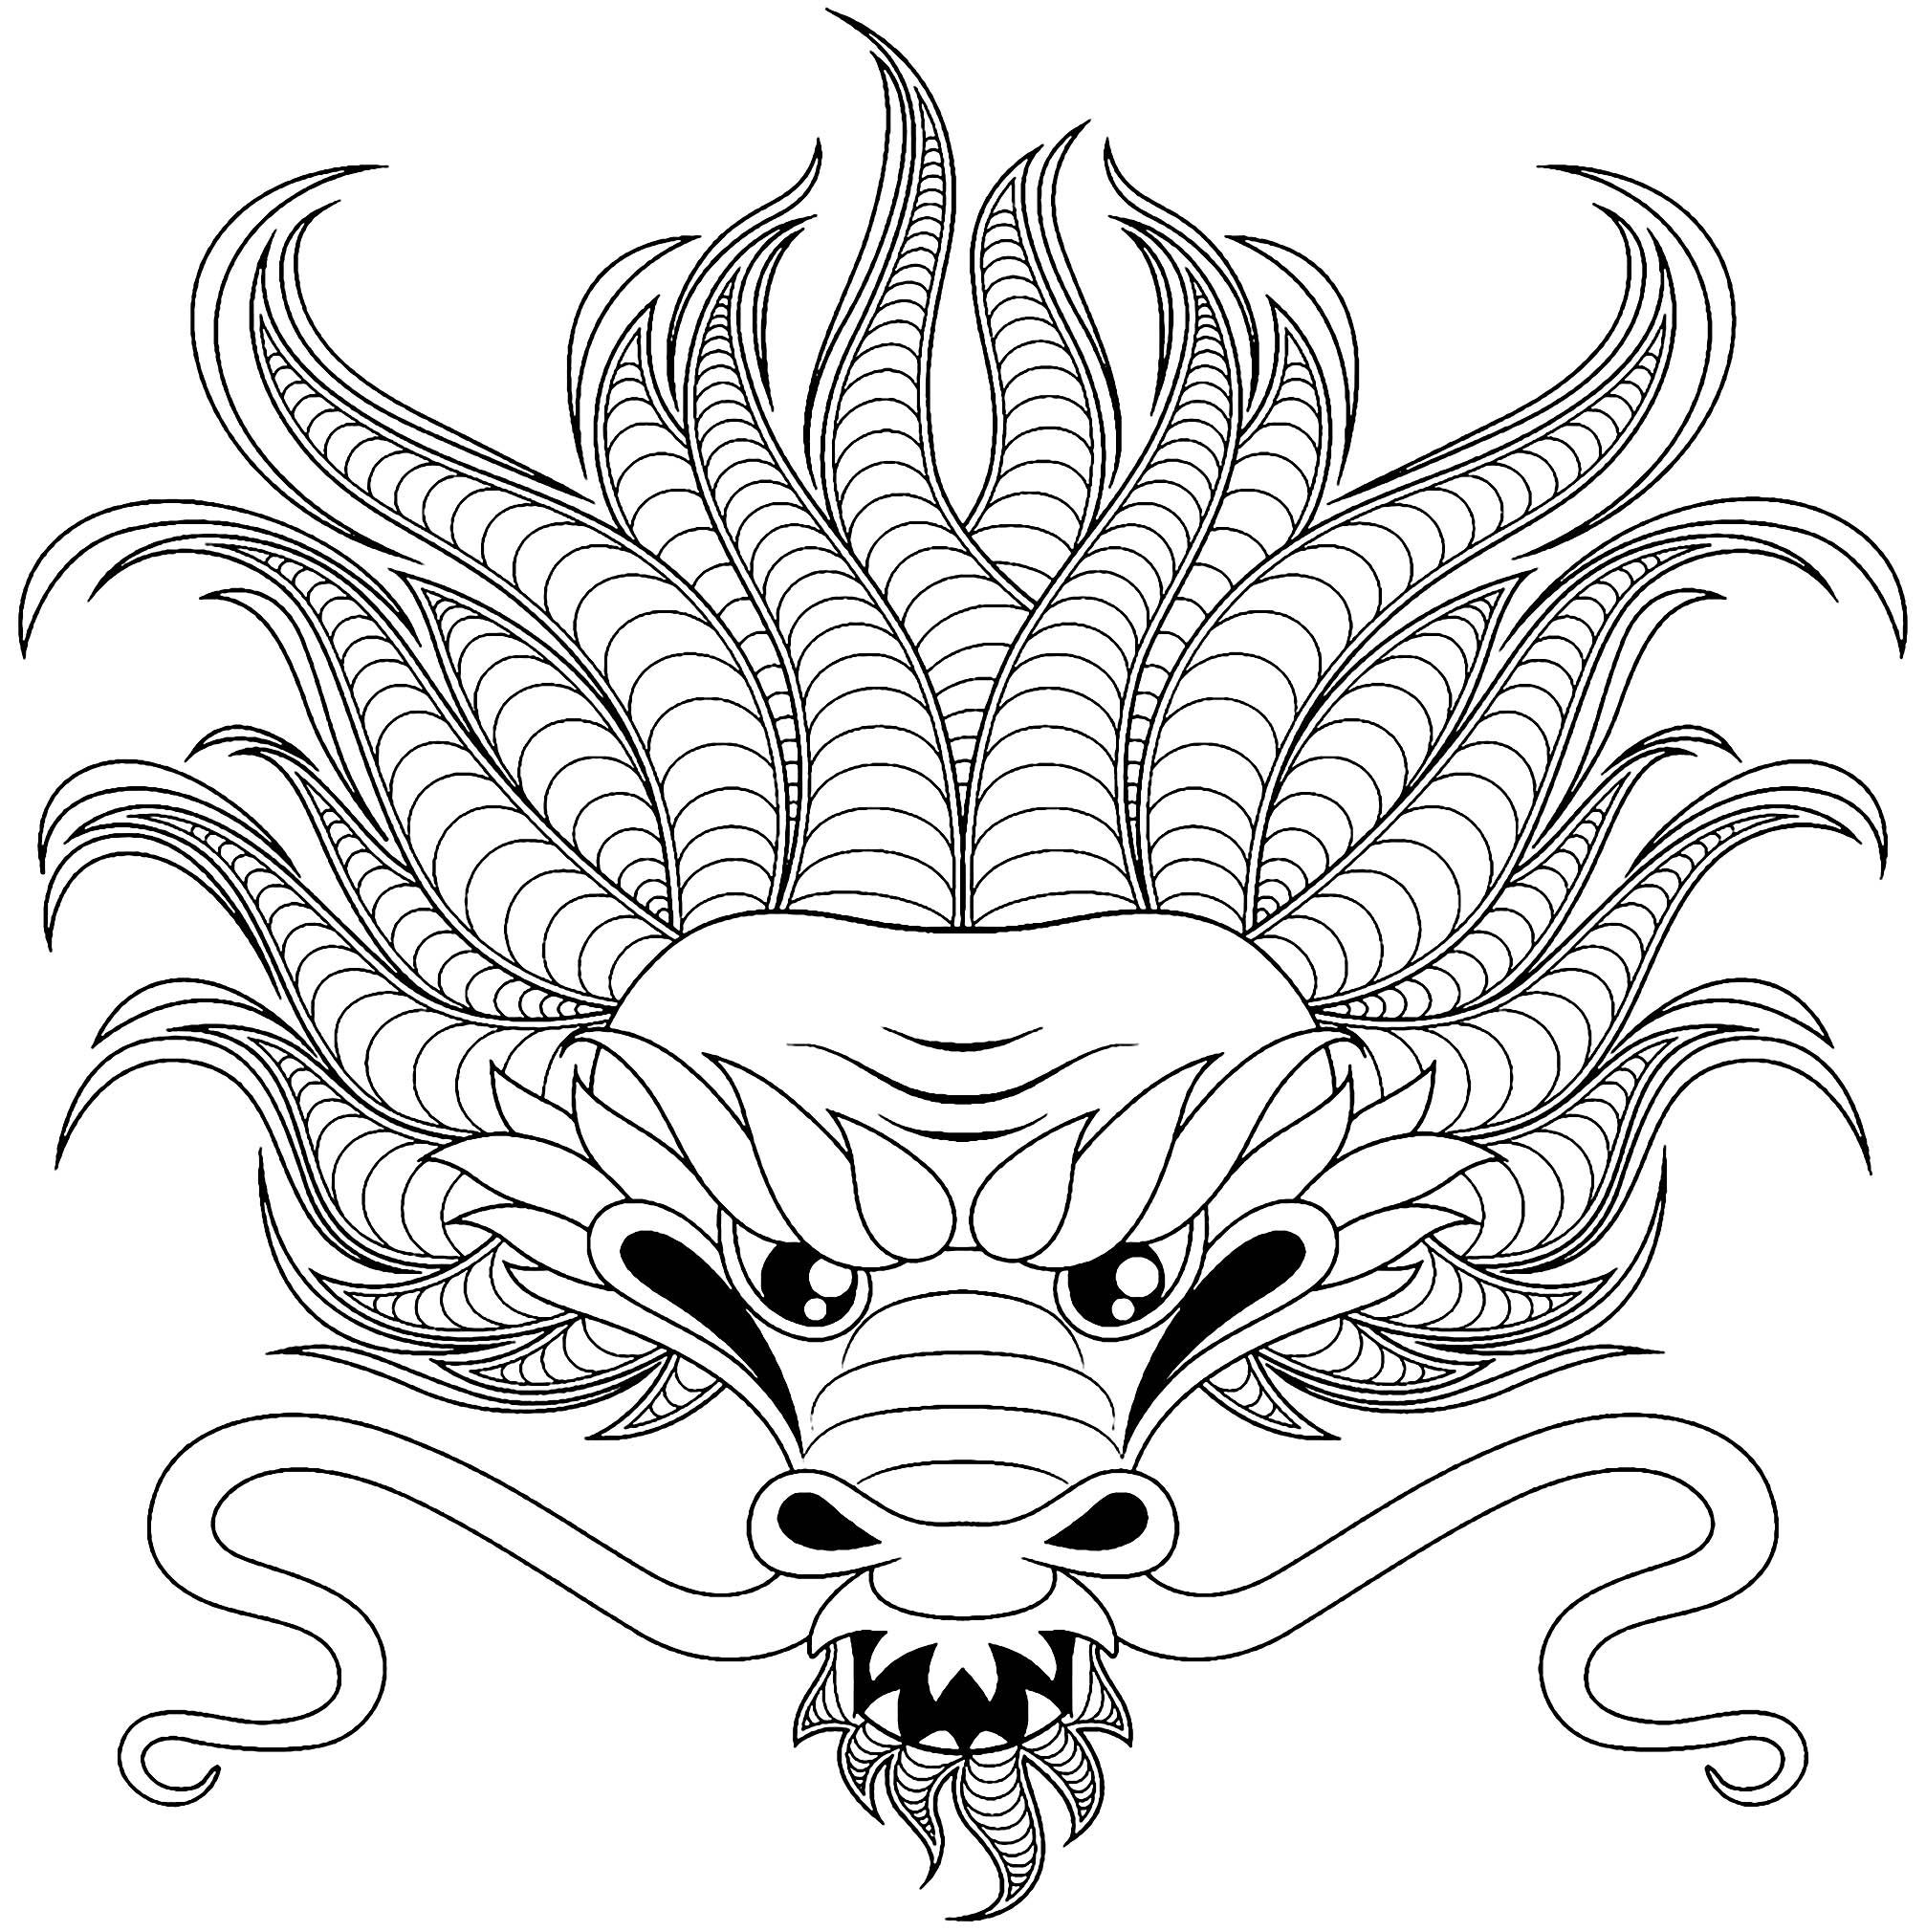 Dragones 81805 - Dragones - Colorear para Adultos